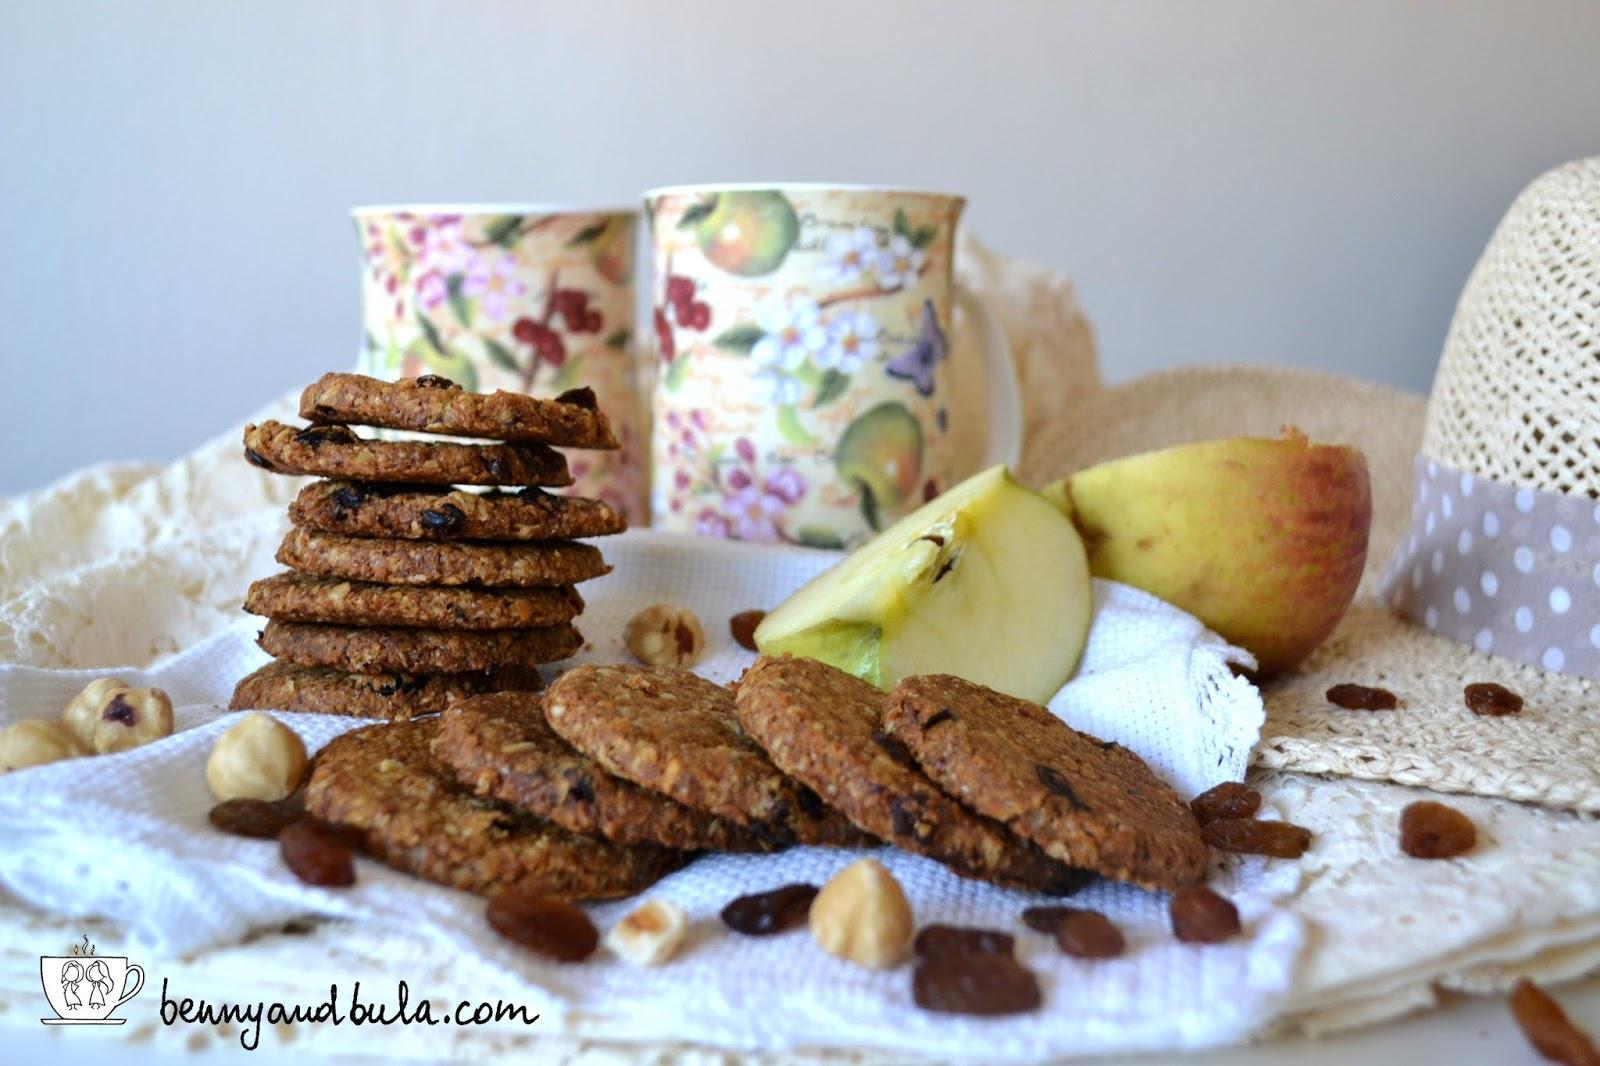 biscotti grancereale frutta con avena uvetta e nocciole / oat cookies dried fruit nuts